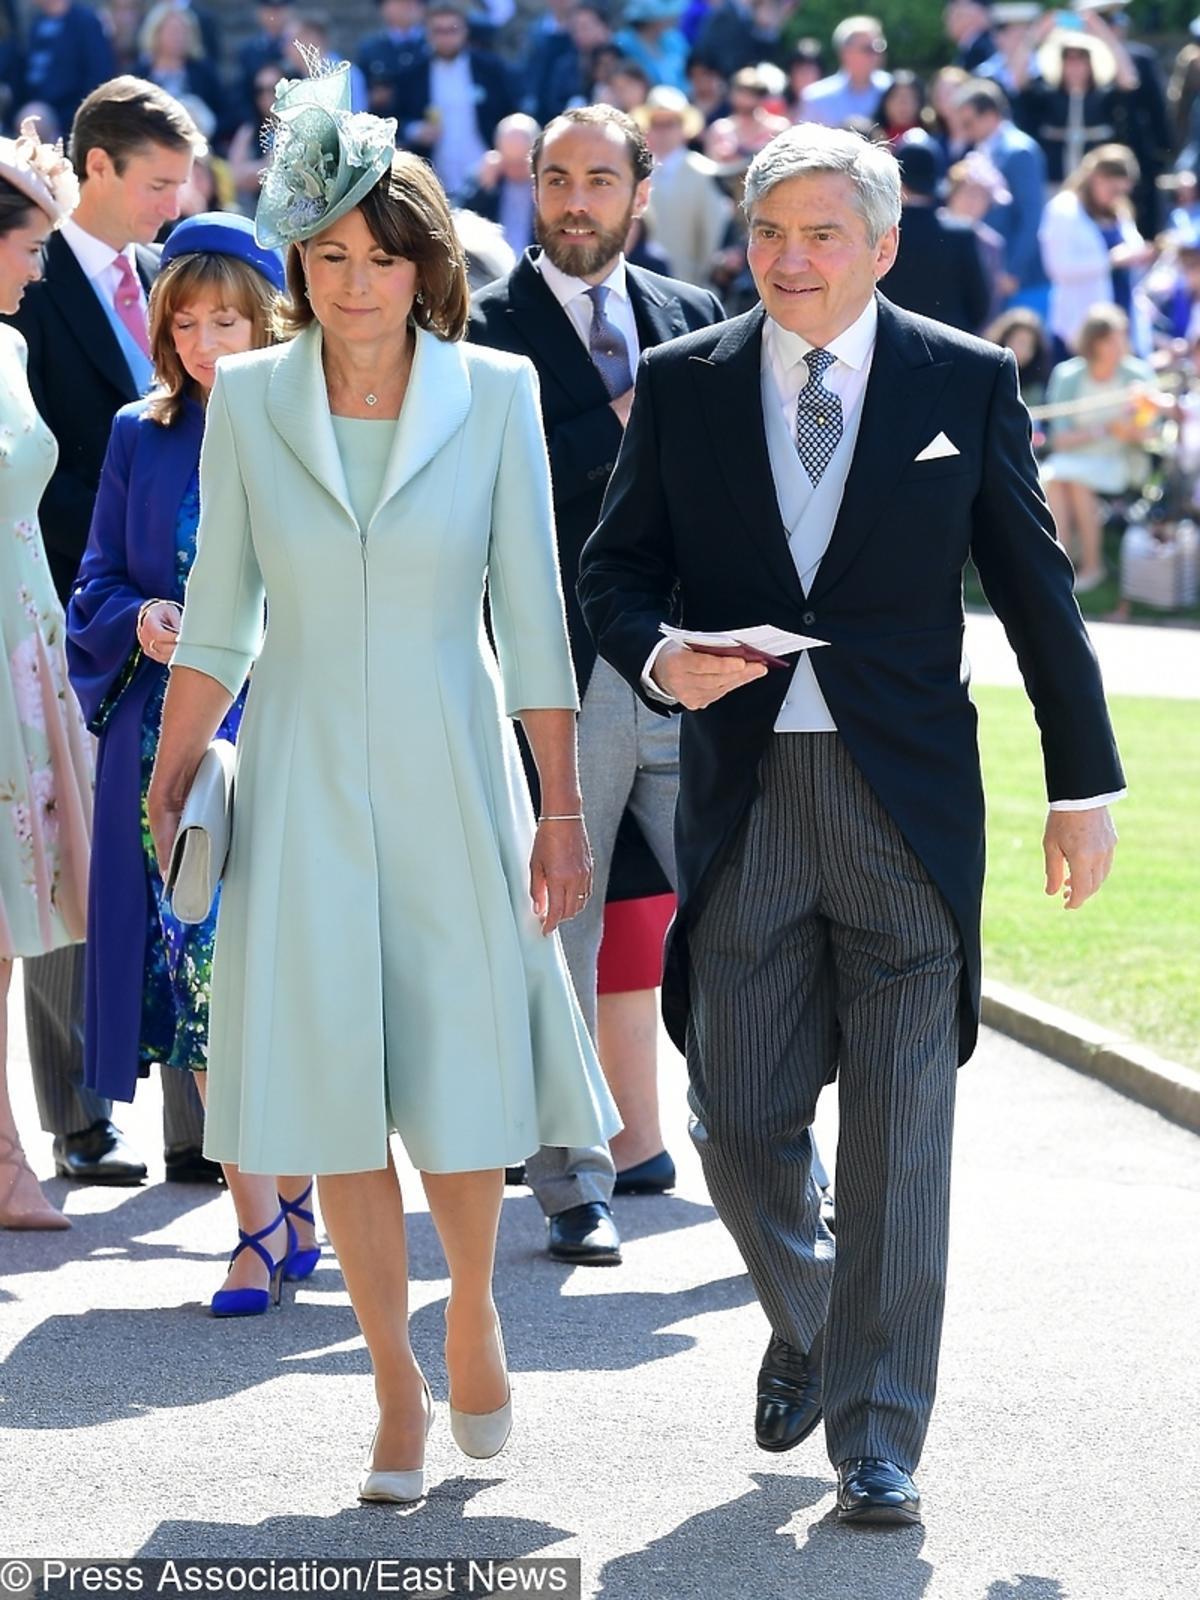 Rodzice księżnej Kate na ślubie Meghan Markle i księcia Harry'ego